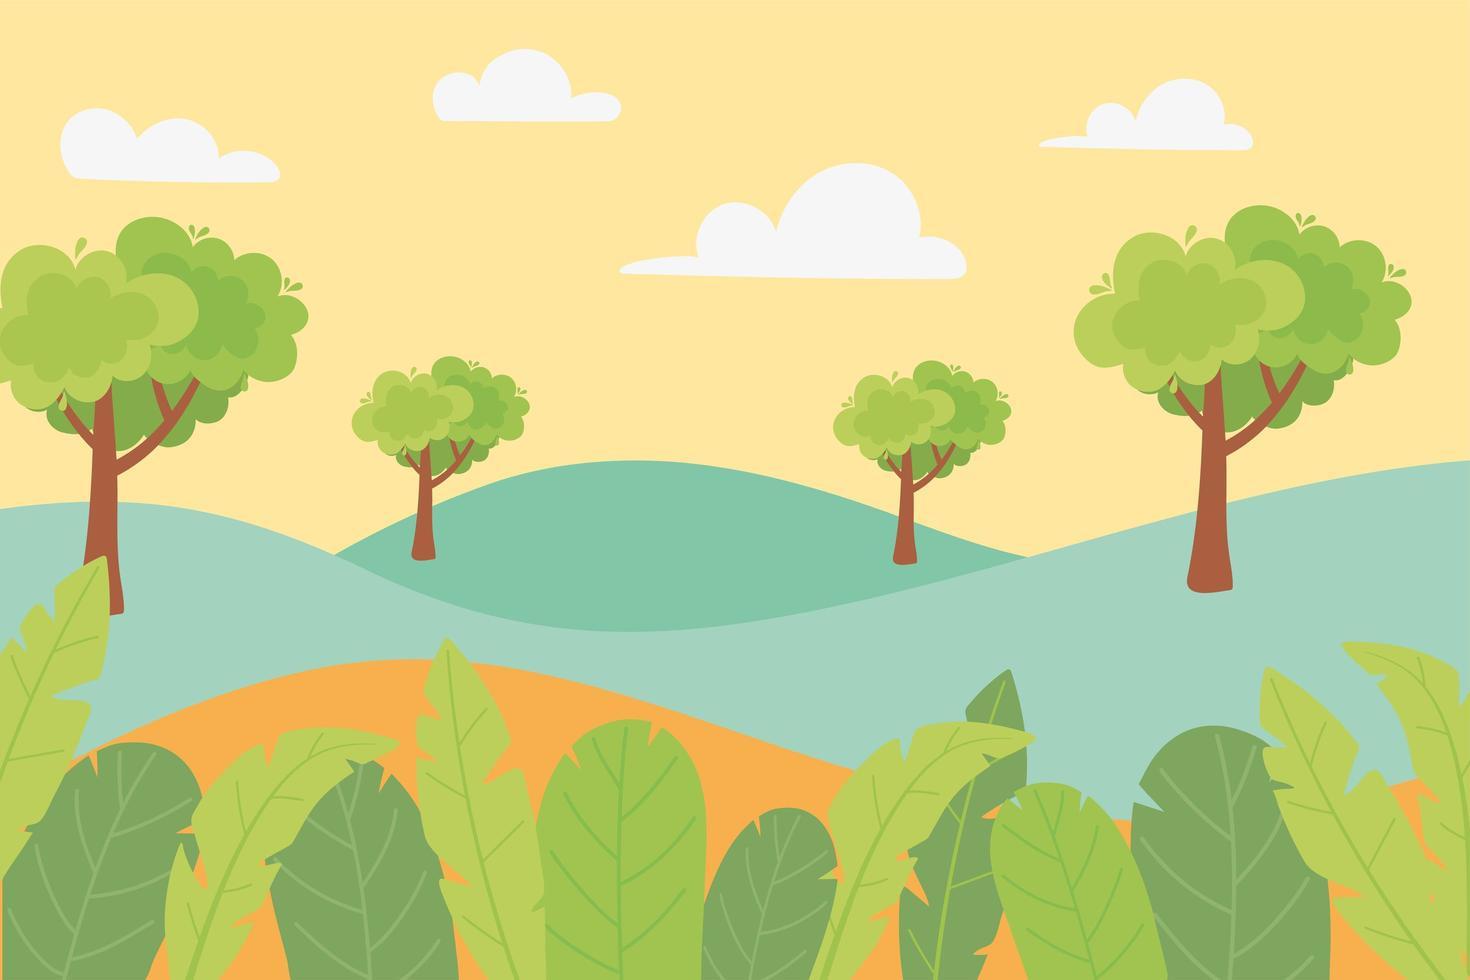 landskap kullar, träd, löv, lövverk och äng vektor